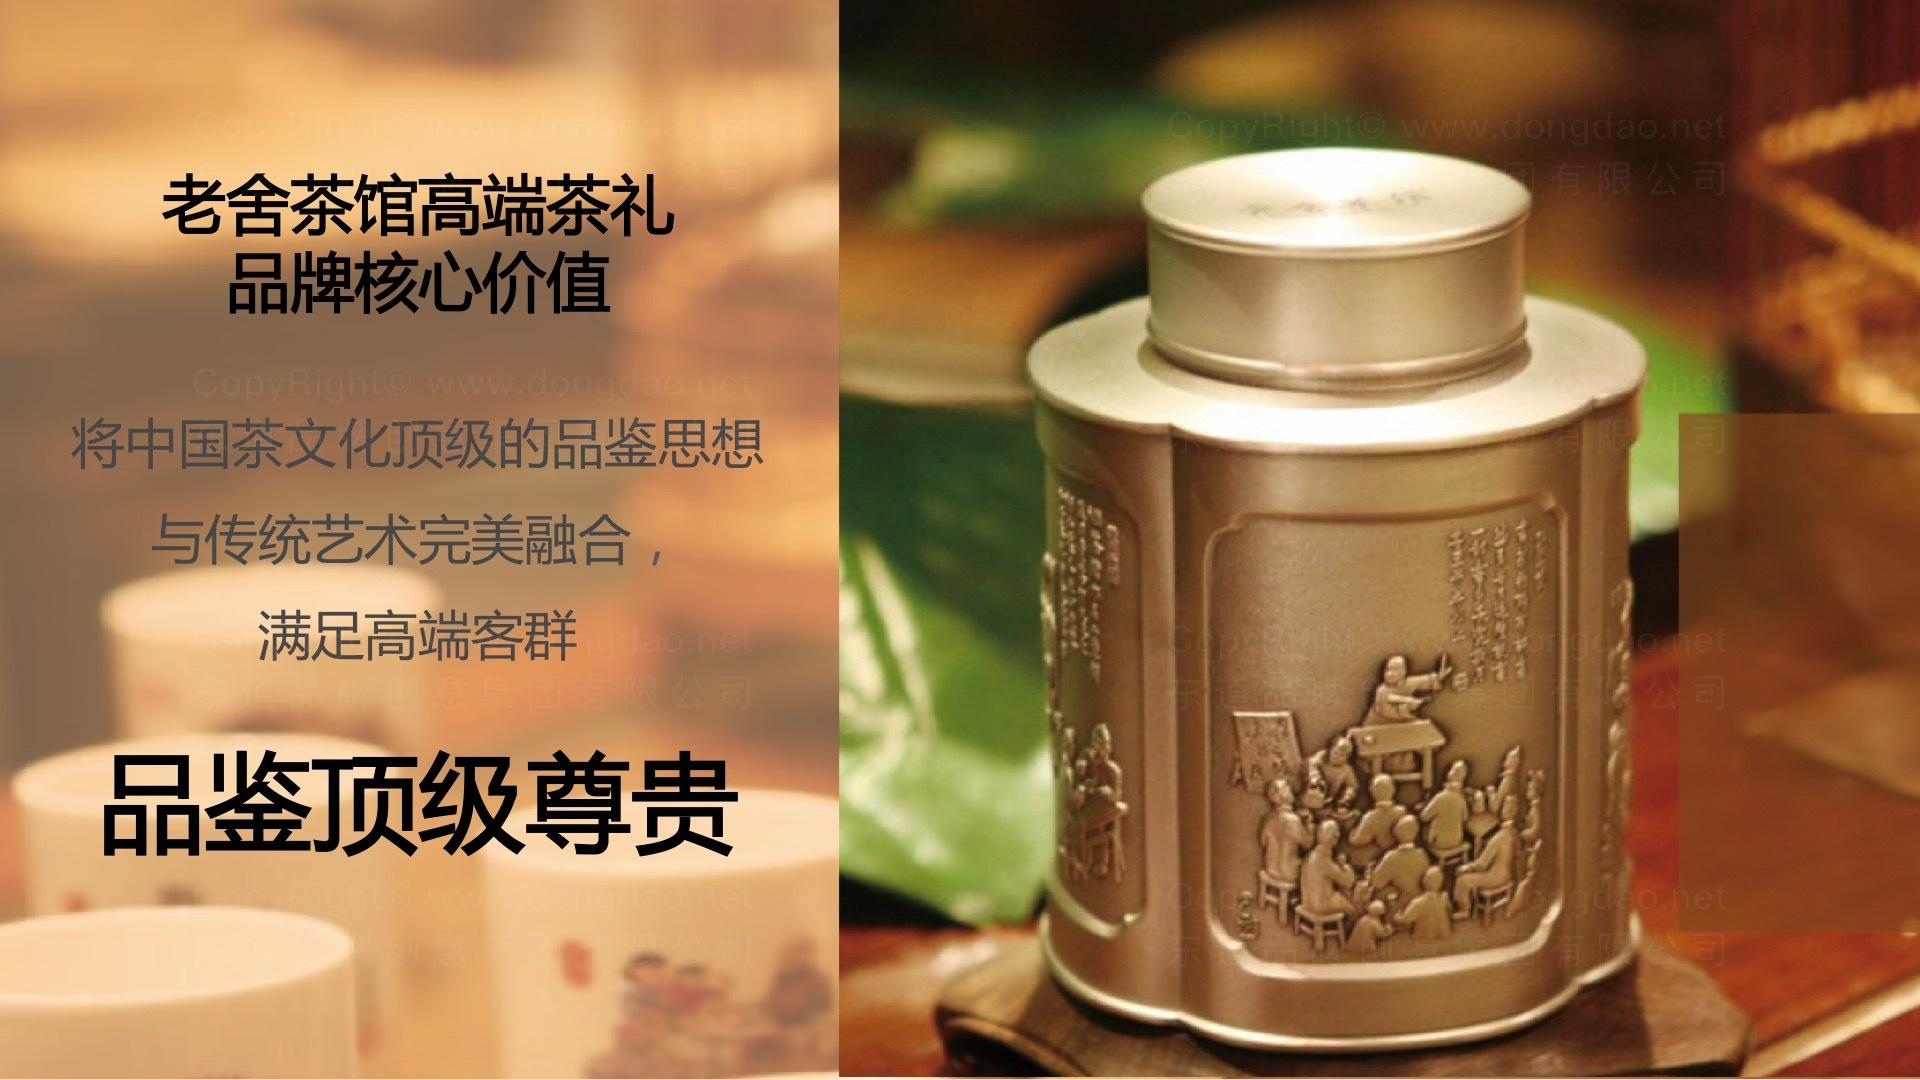 品牌战略&企业文化老舍茶馆高端茶礼品牌战略规划应用场景_1